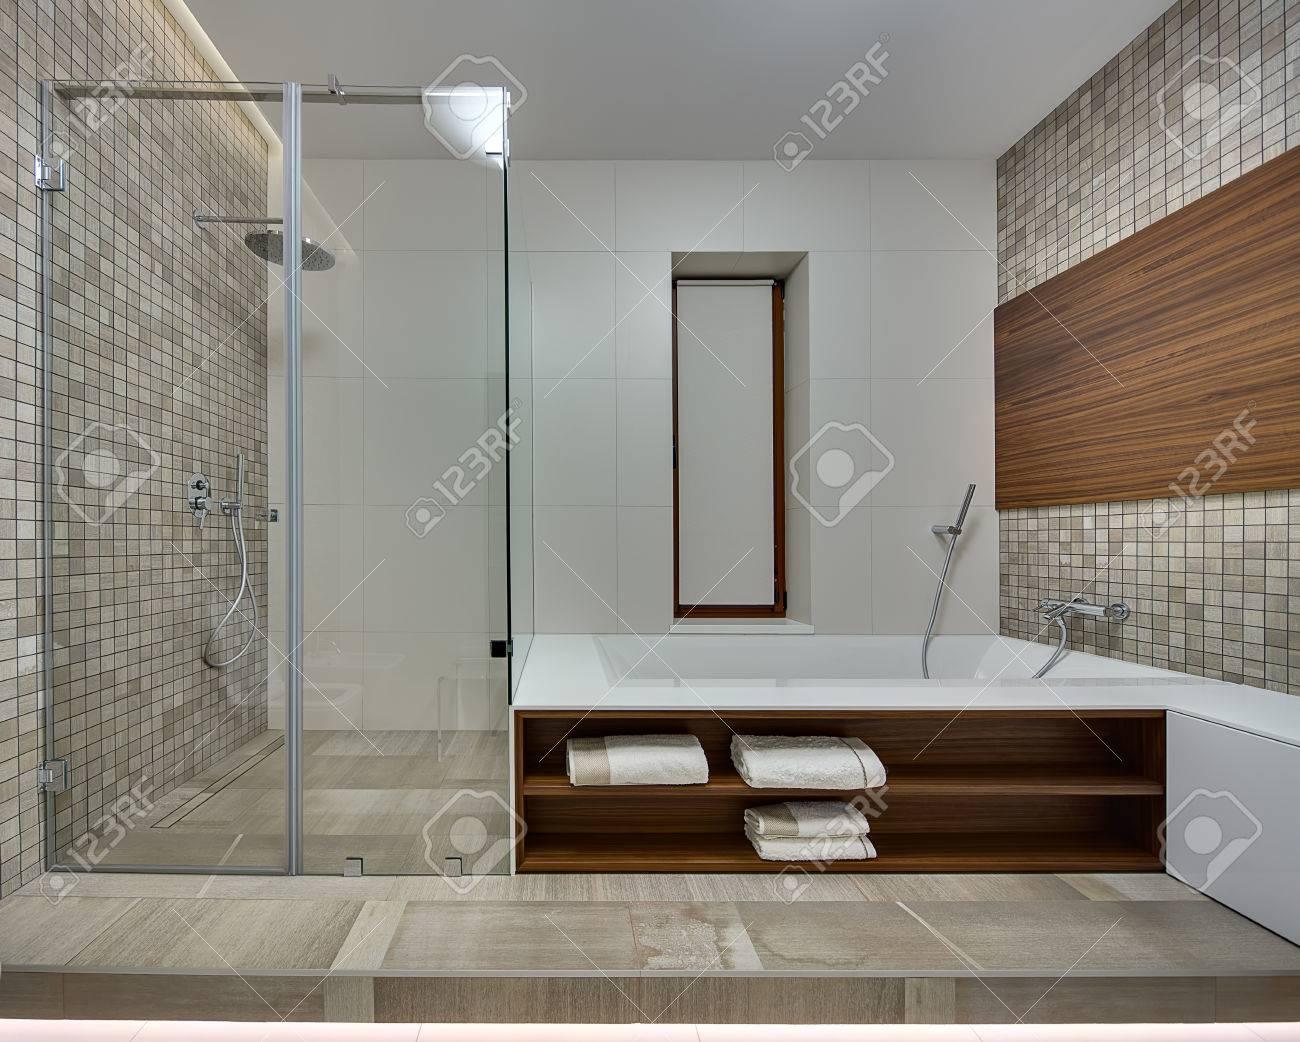 Badezimmer In Einem Modernen Stil Mit Hellen Fliesen An Der Rückwand. Die  Seitenwände Ist Mit Braun Beige Mosaik Und Einer Holzplatte Dekoriert.